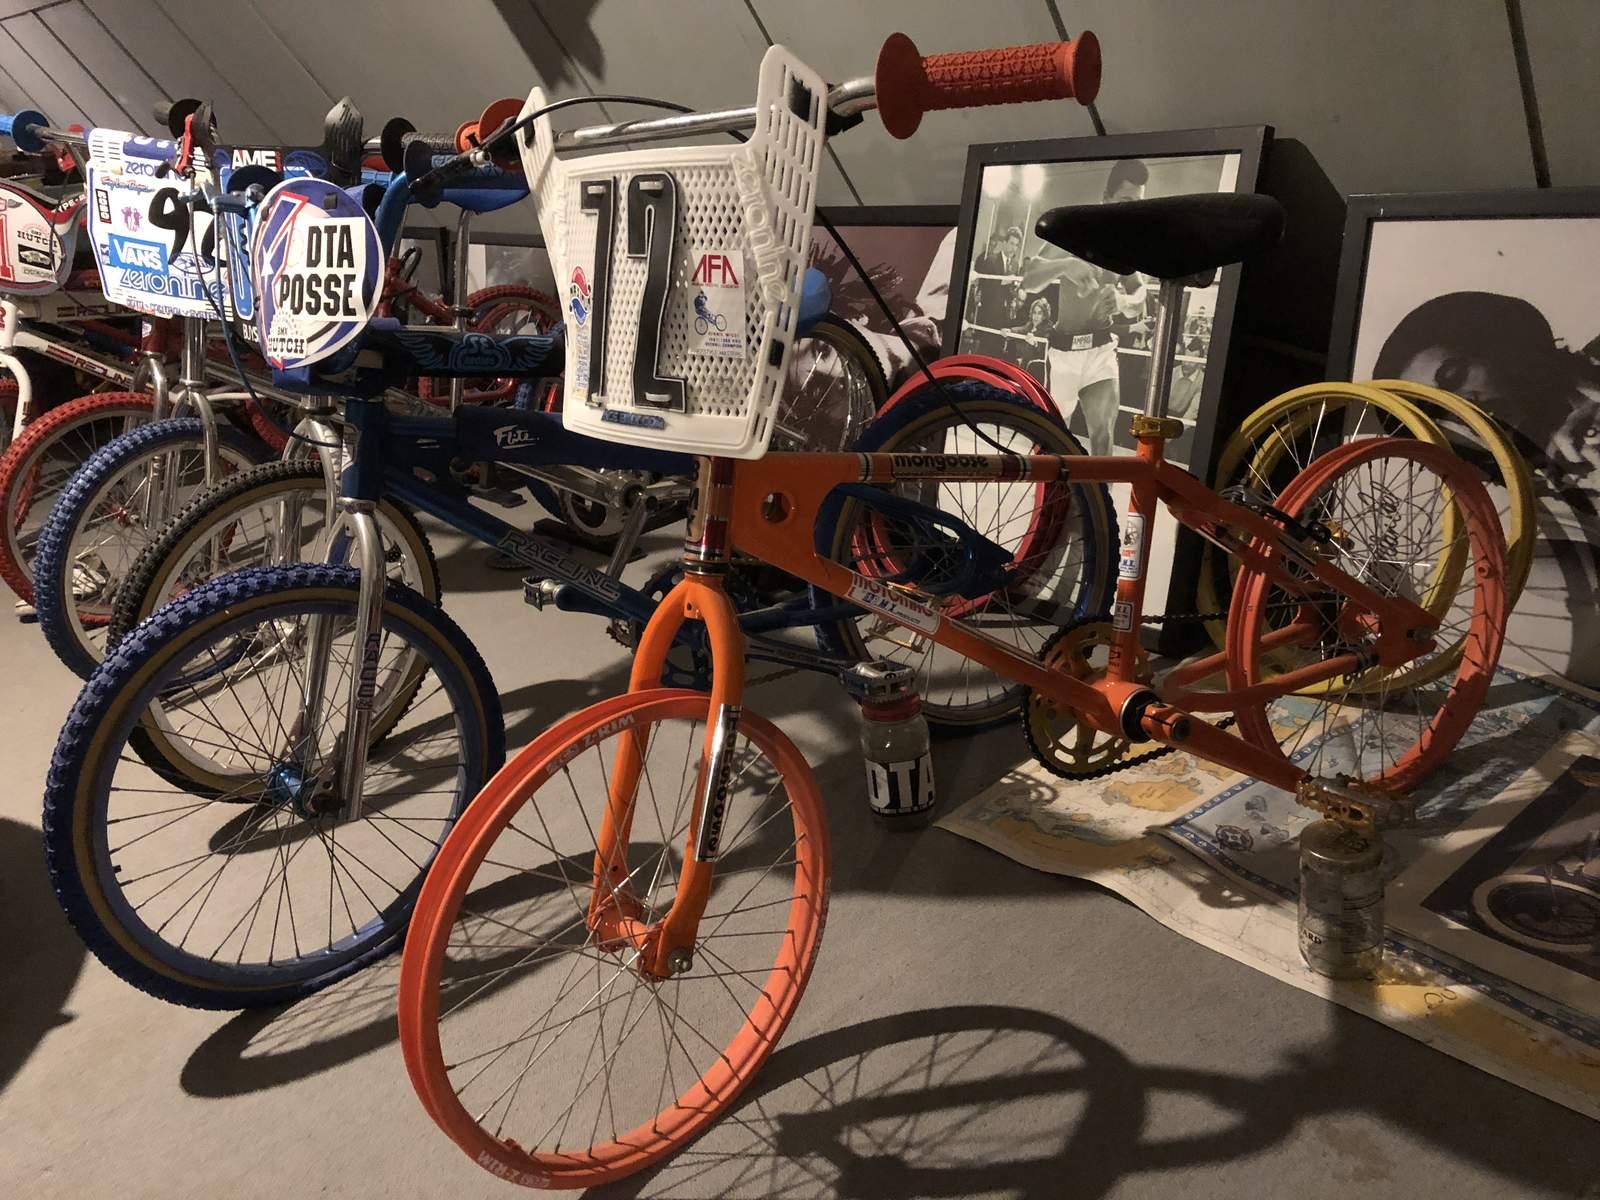 http://uploads.bmxmuseum.com/user-images/241033/45654044-51e1-40f5-b172-2a2f262856545bf7cdb320.jpeg